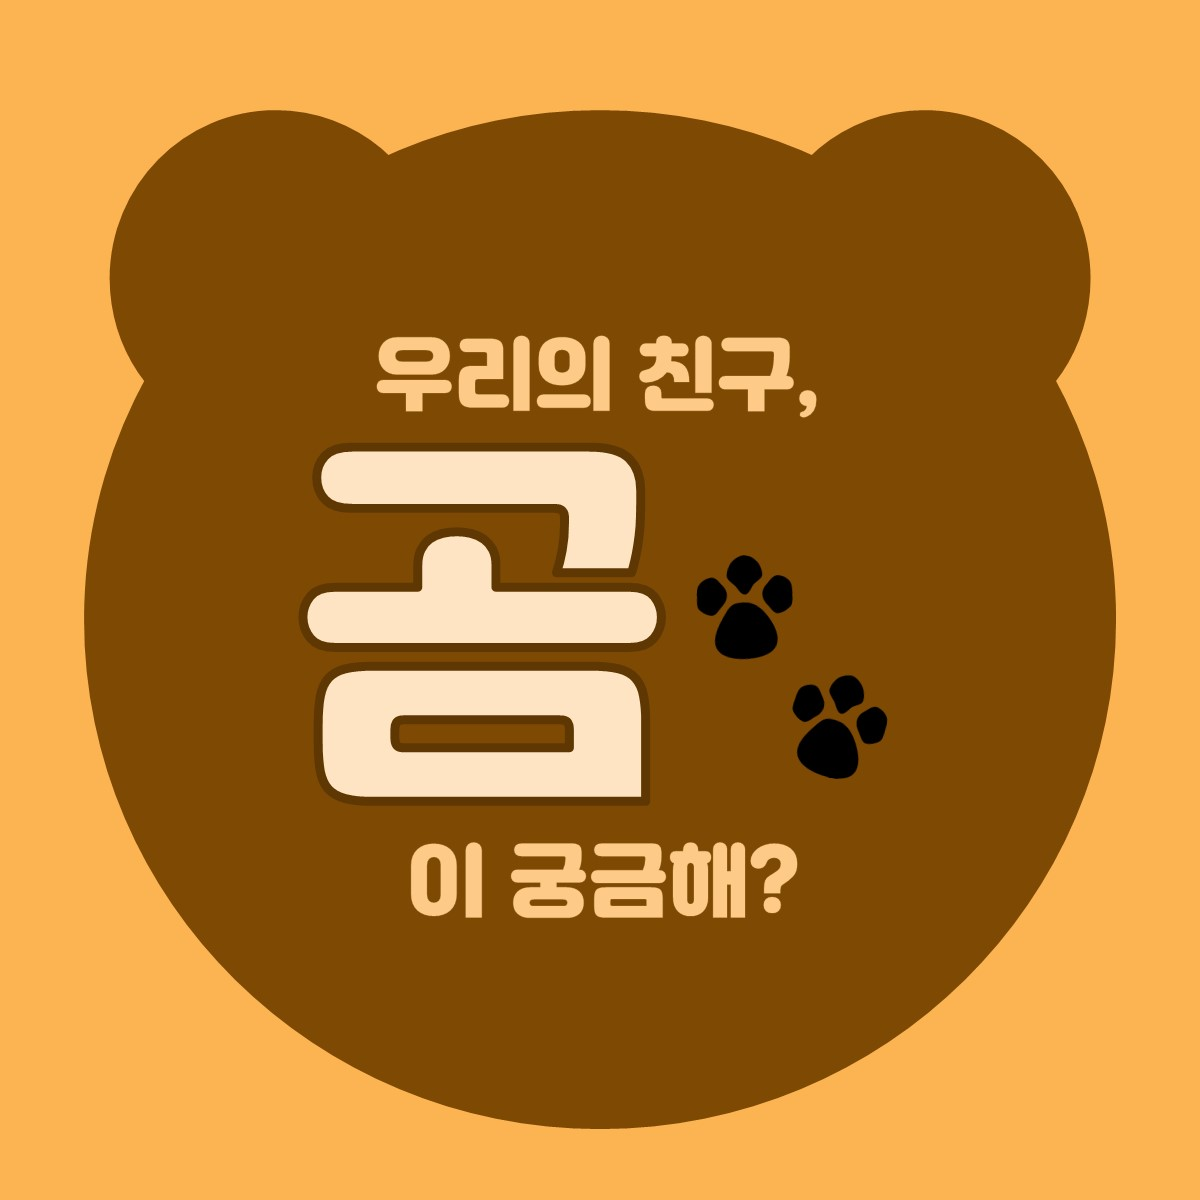 우리의 친구, 곰이 궁금해? - MBC 창사특집 다큐멘...